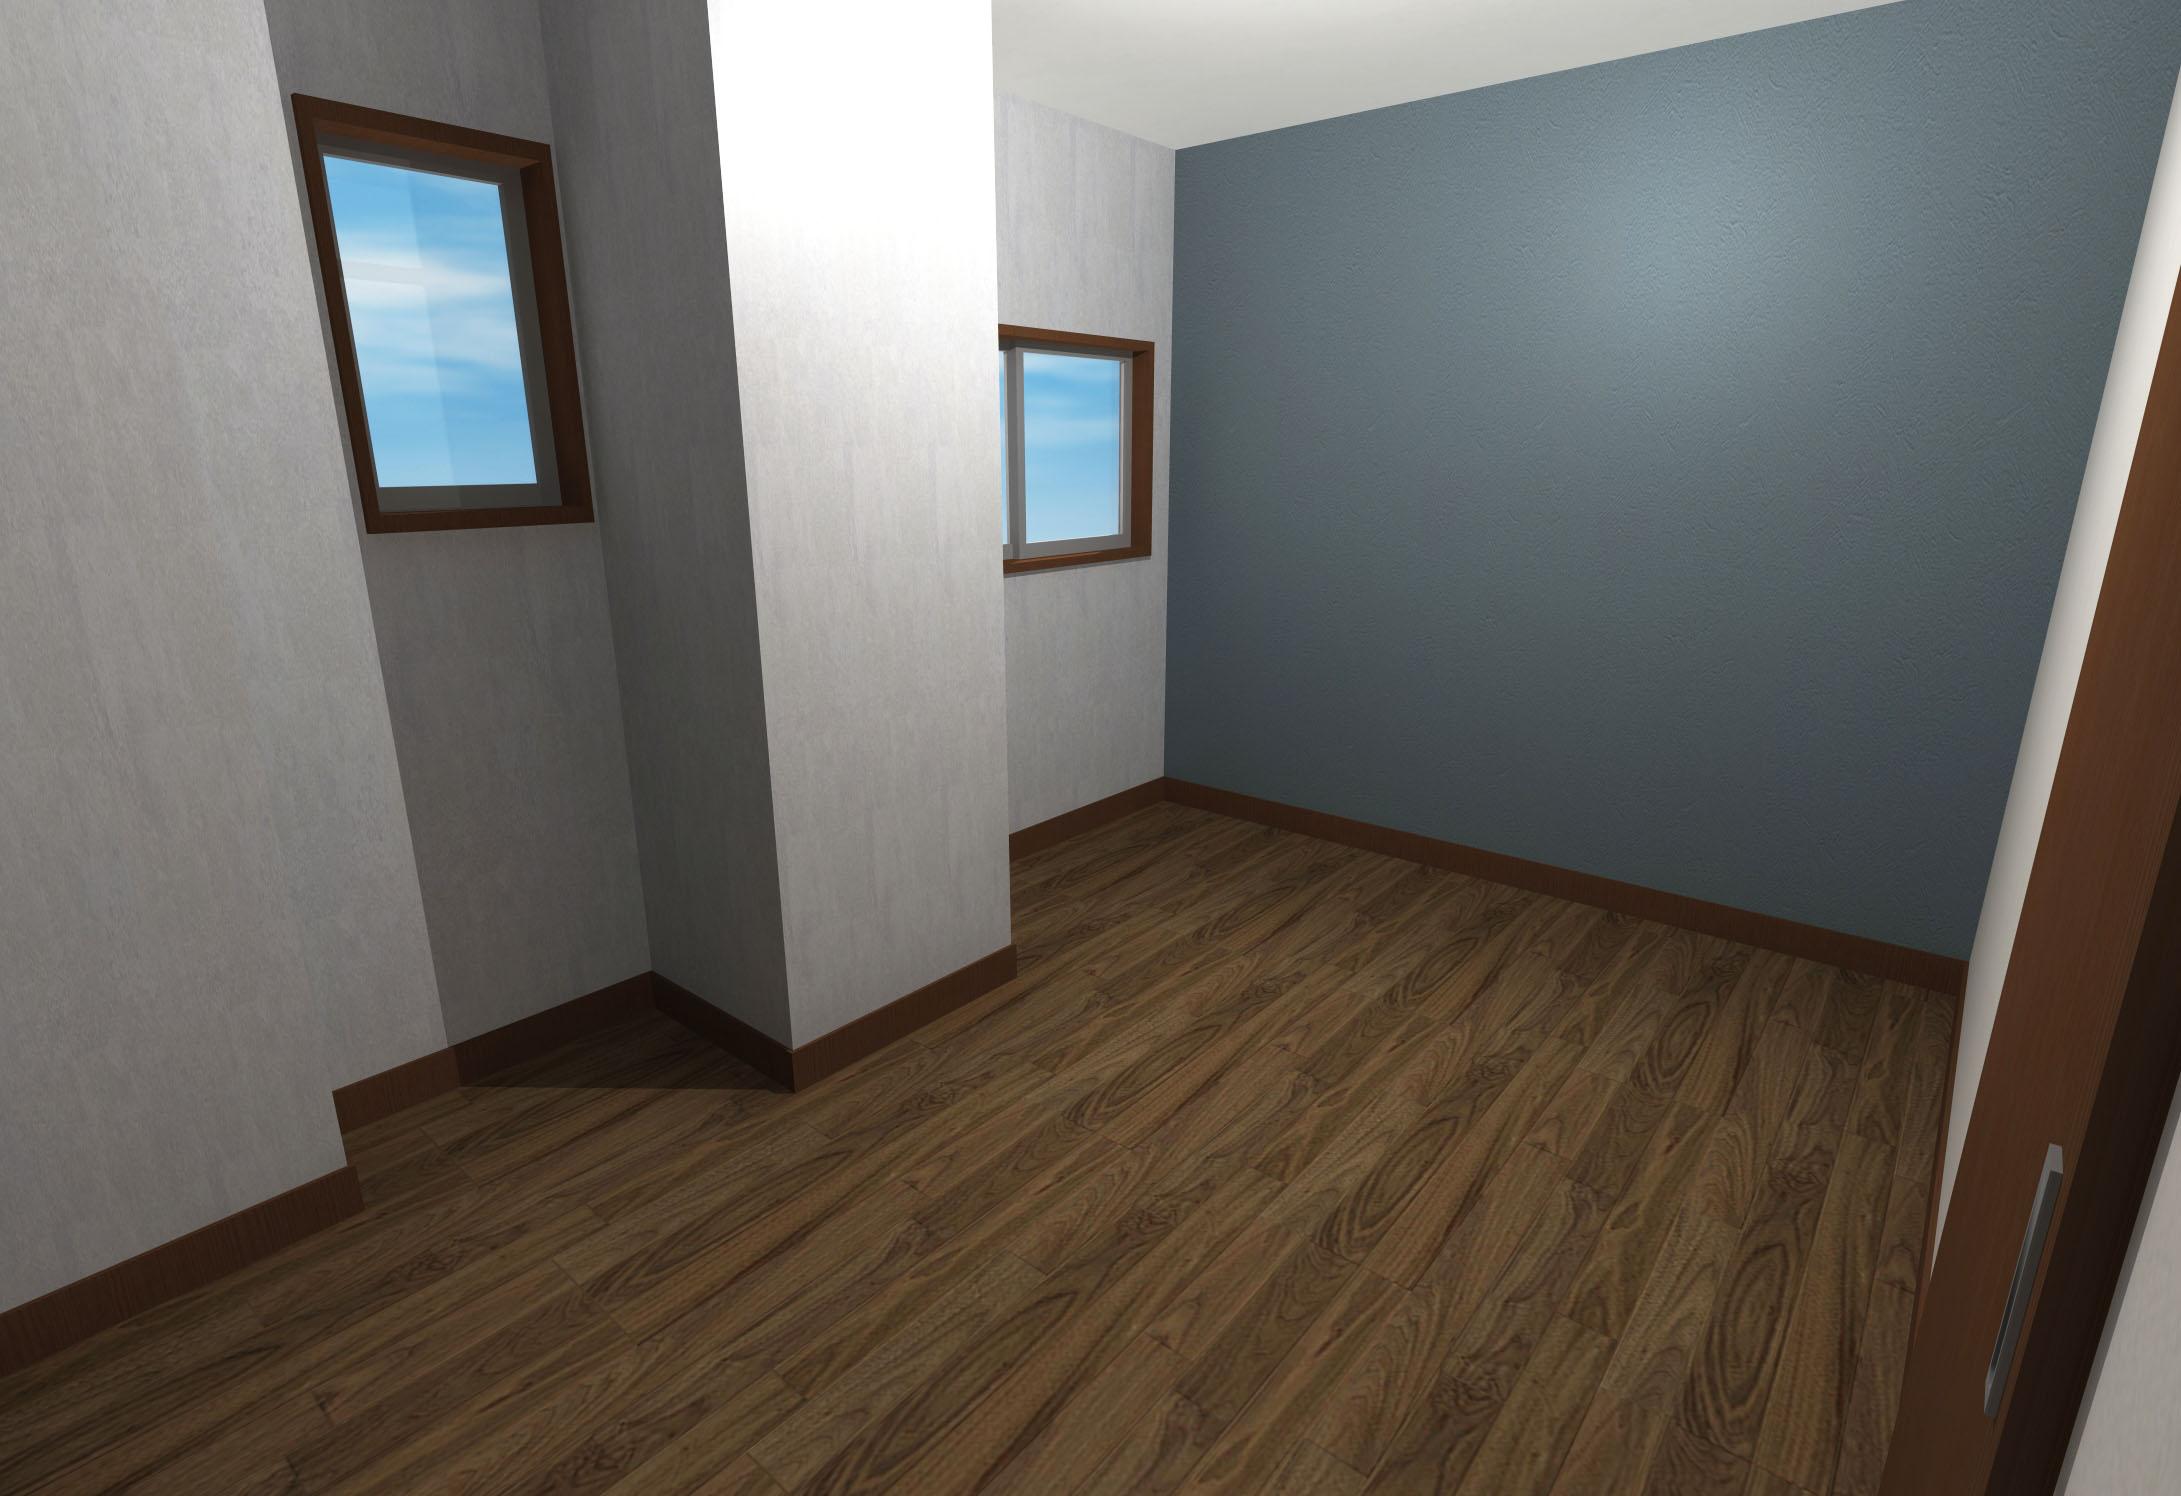 綺麗めモダンな内装壁紙寝室